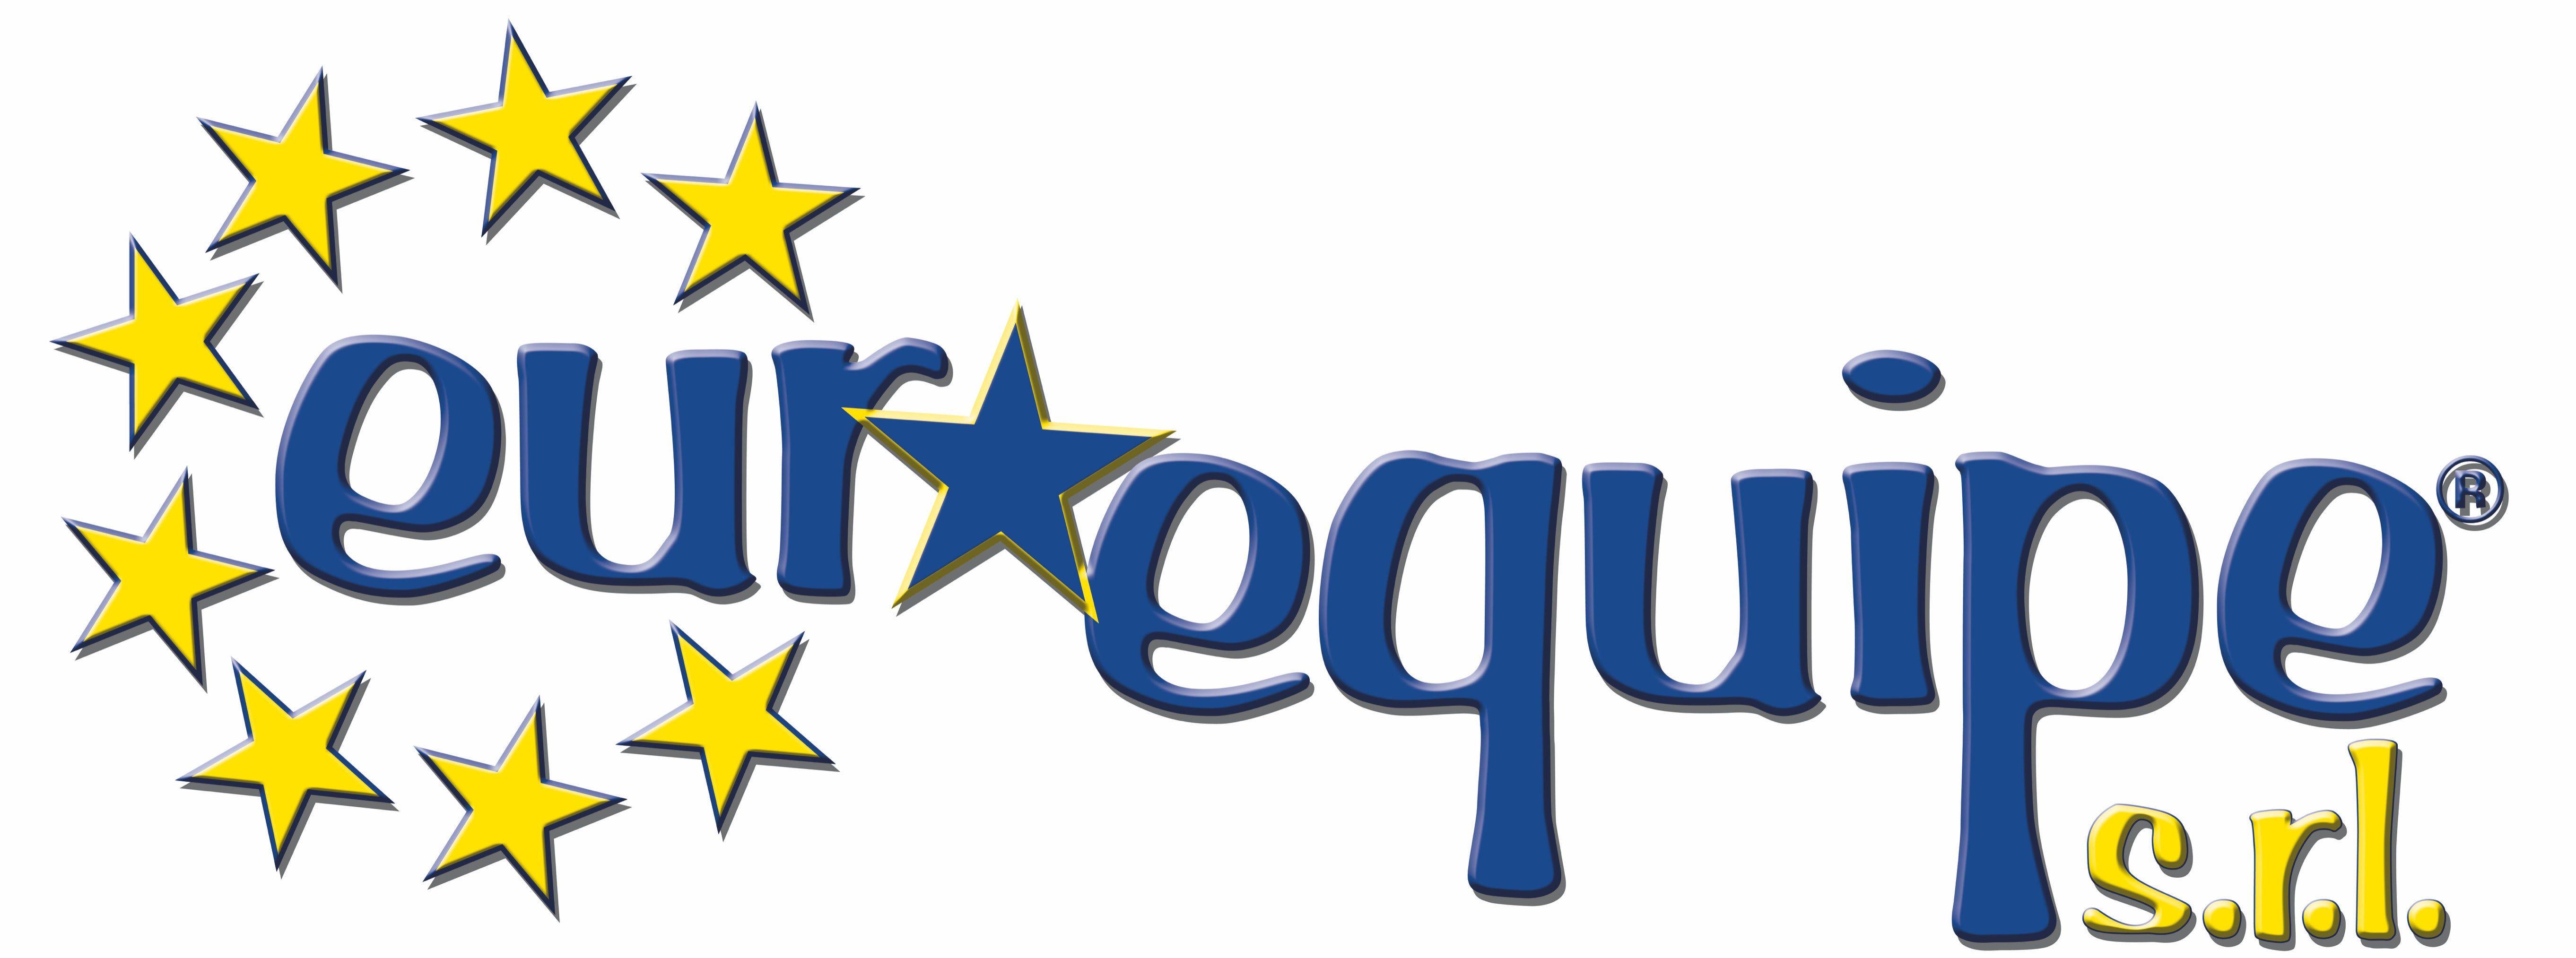 Euroequipe srl